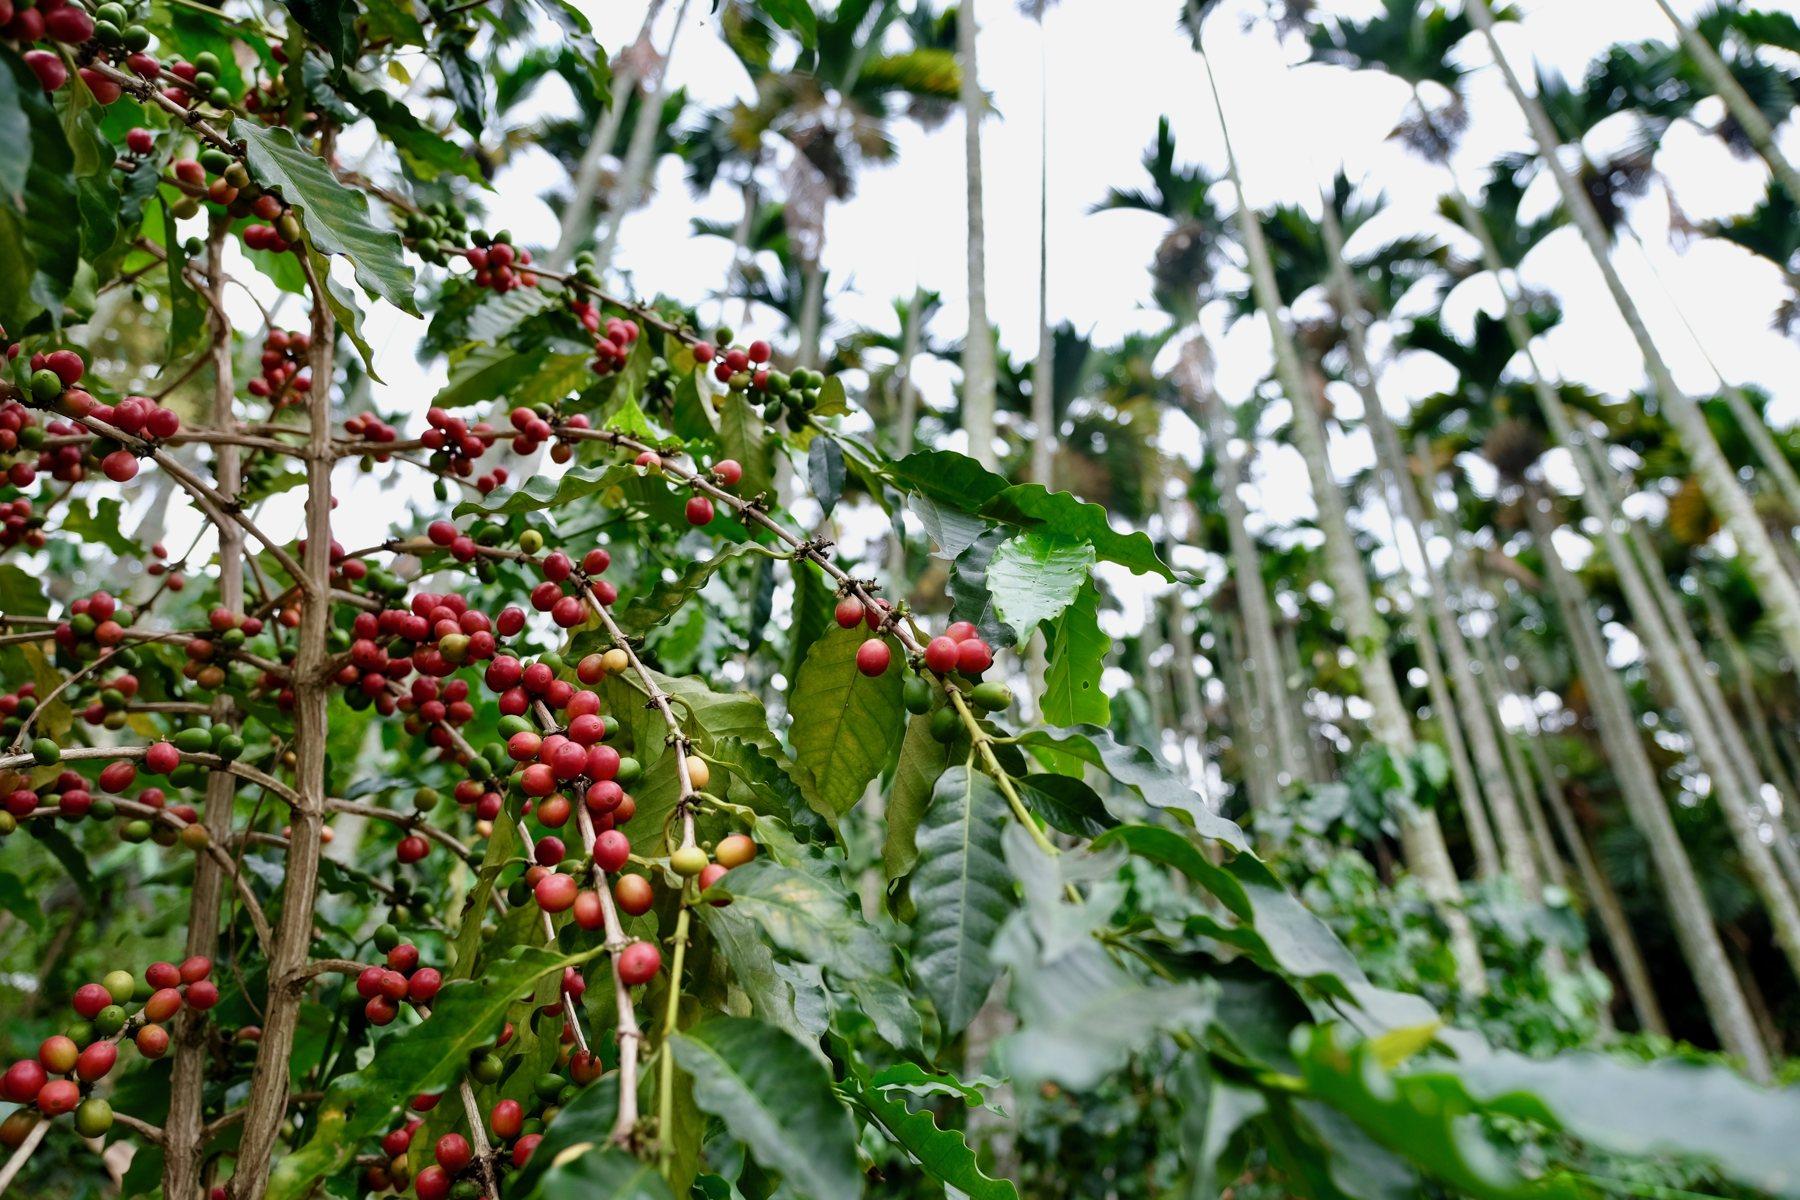 檳榔樹下種咖啡,剛好提供咖啡需要的半遮蔭環境,故無需砍除檳榔(攝影/蔡佳珊)